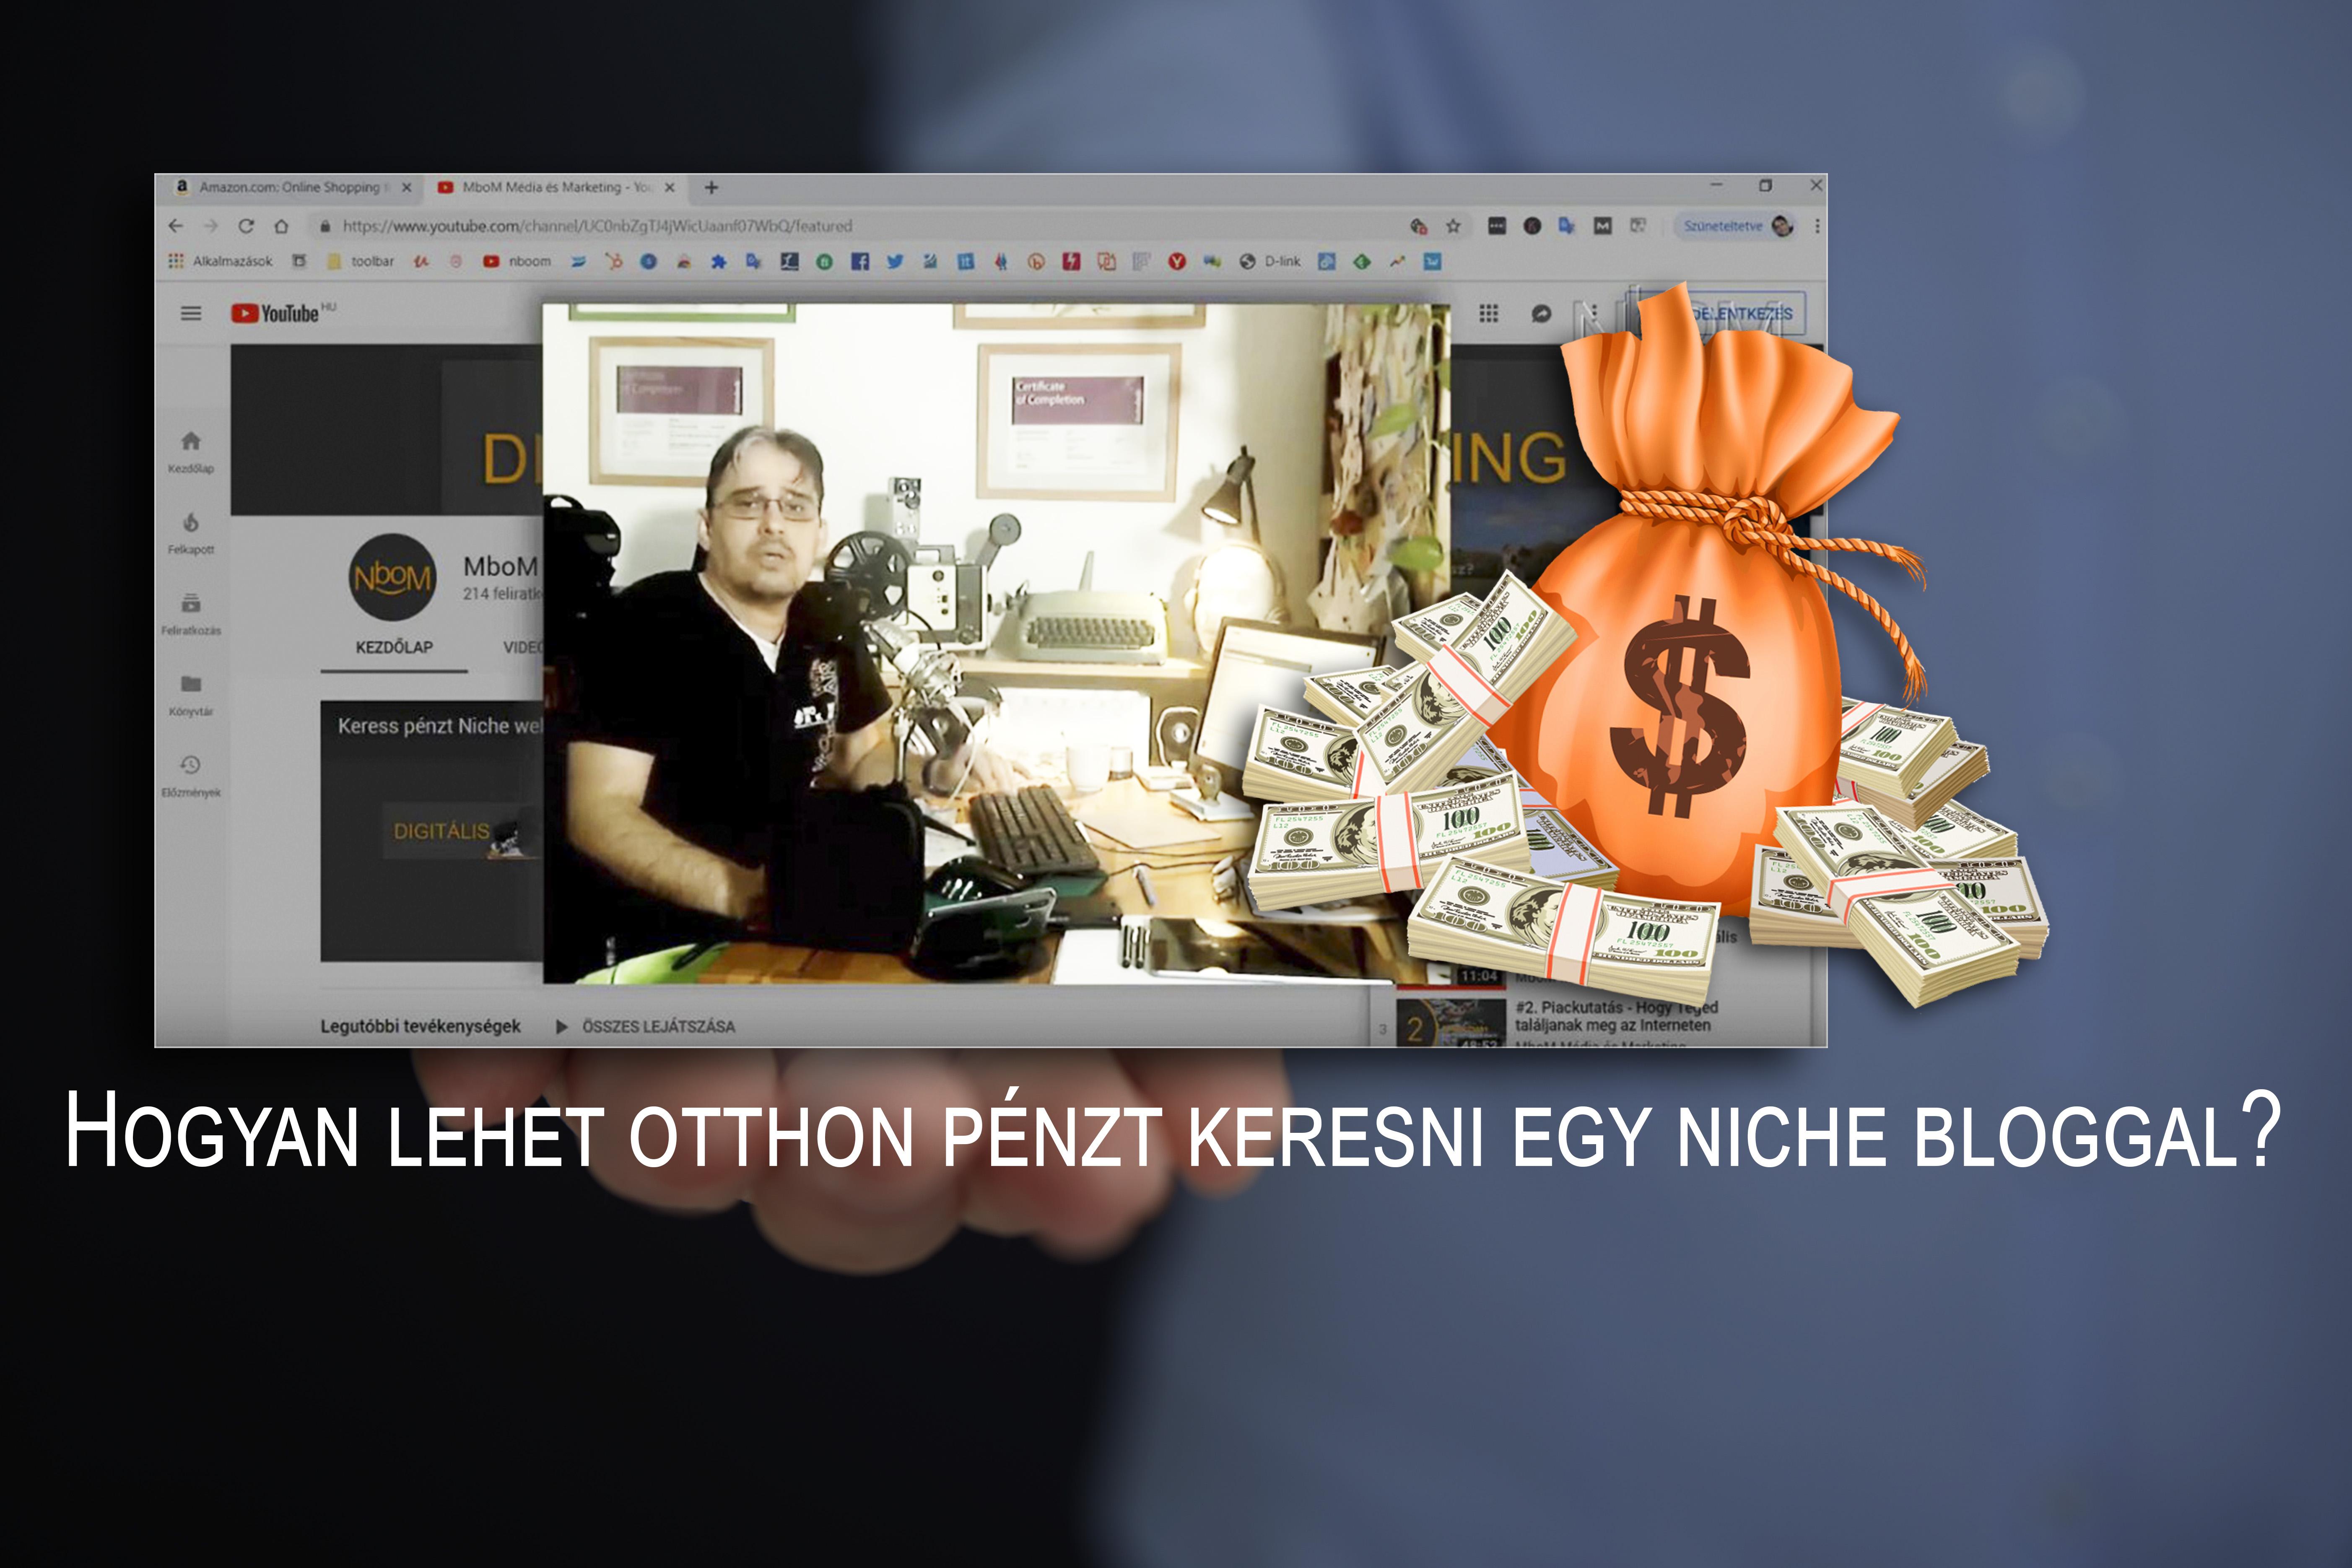 hogyan lehet pénzt keresni opciókban